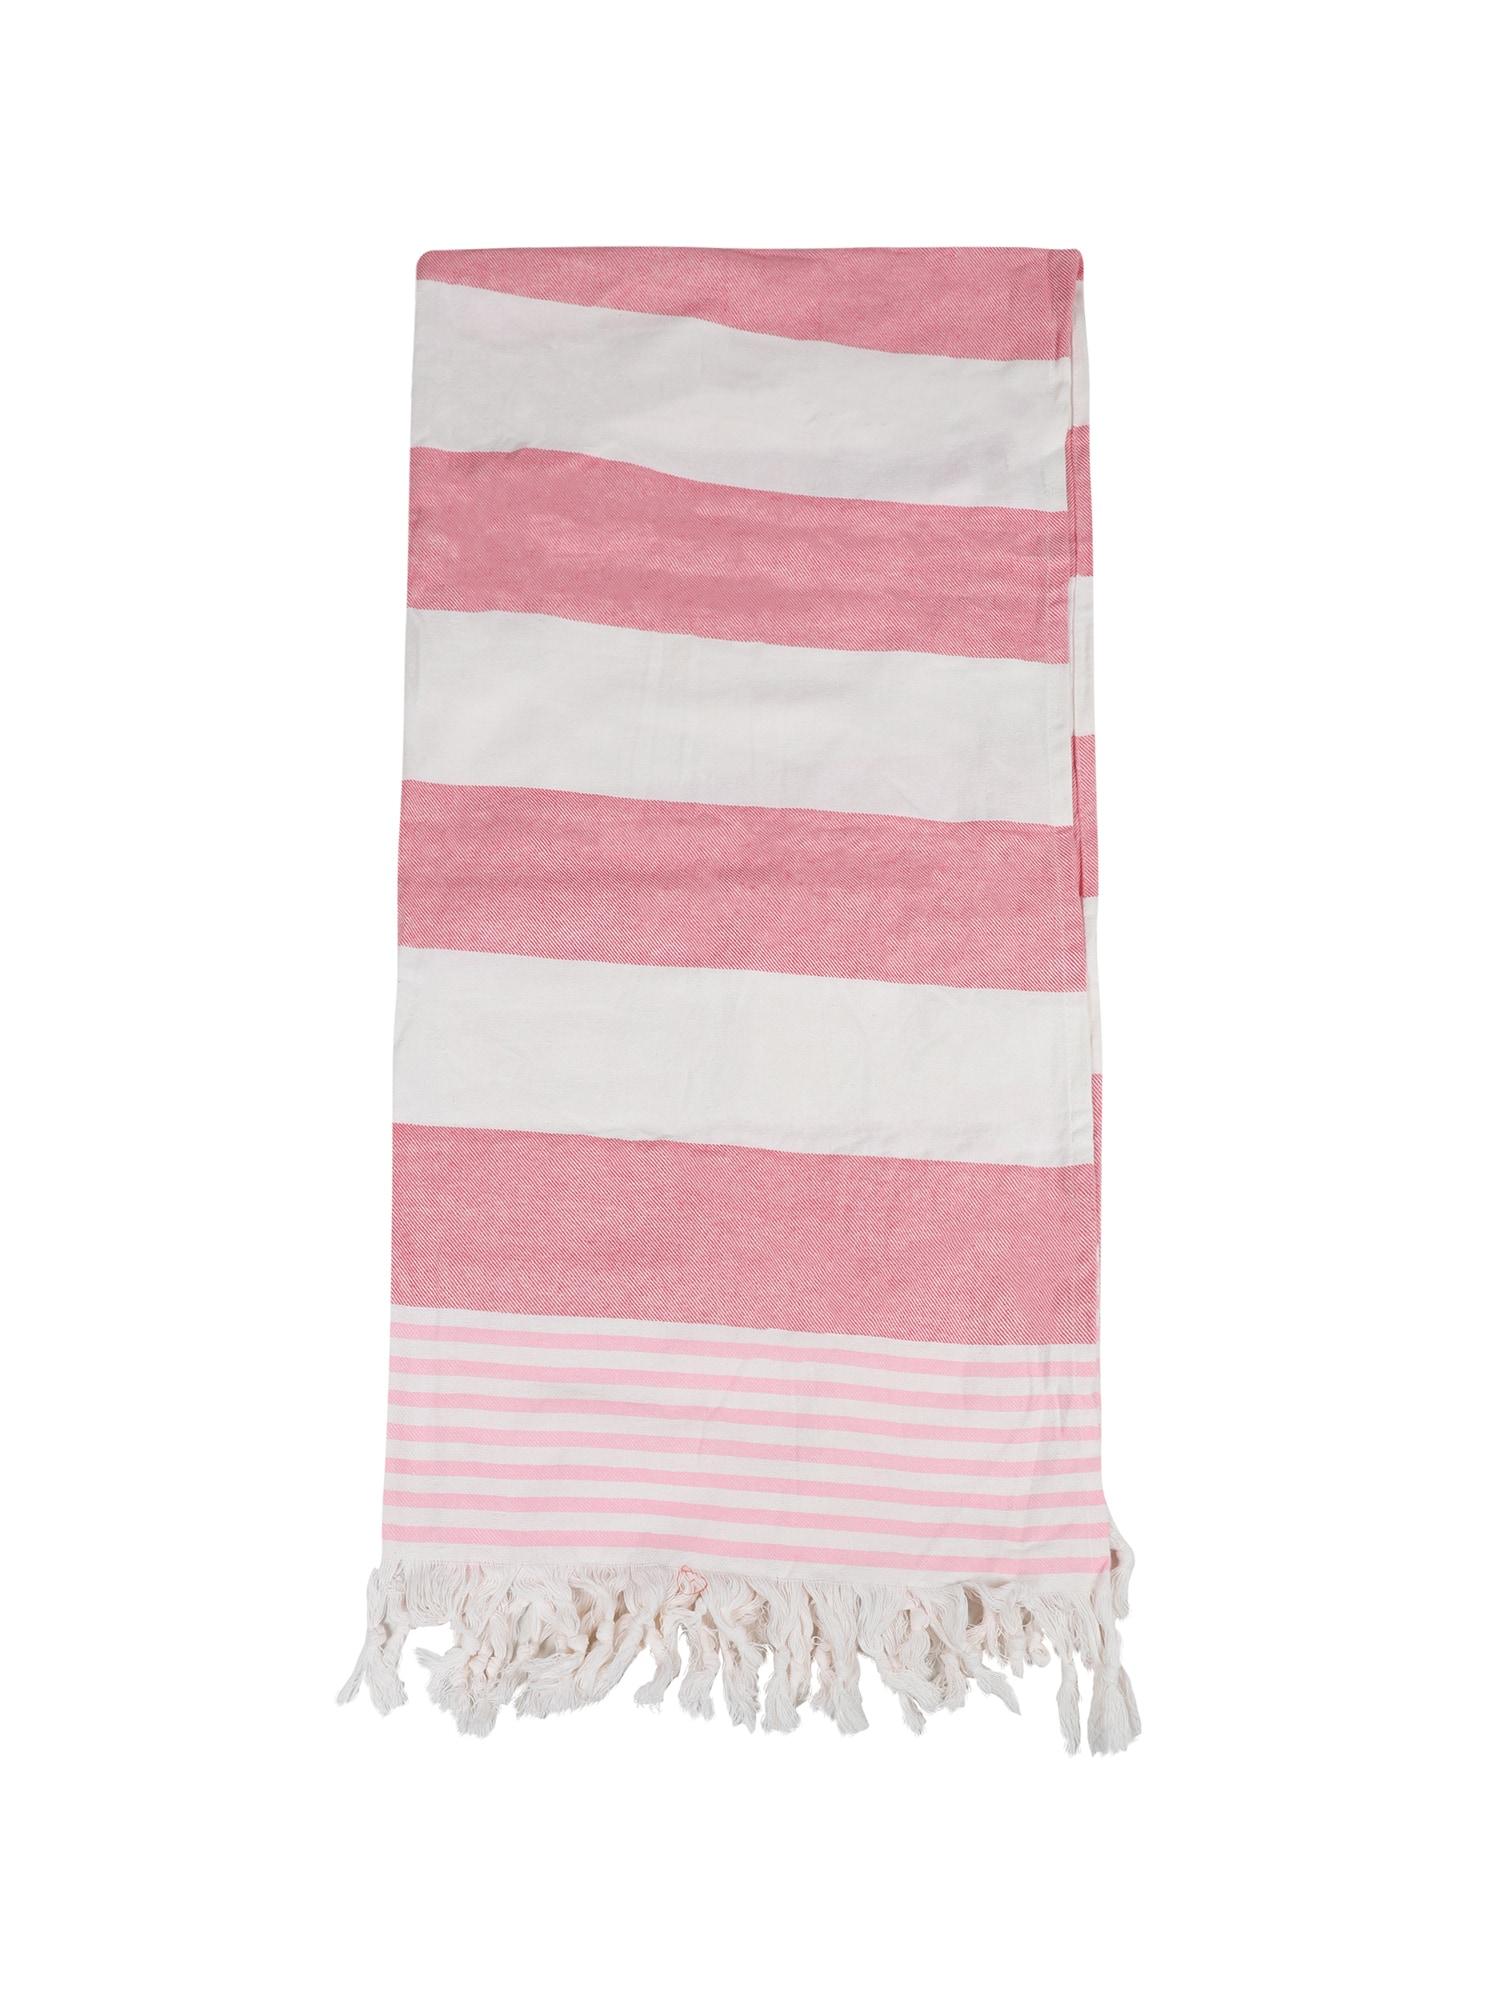 Plážový ručník Melisa růžová bílá ABOUT YOU